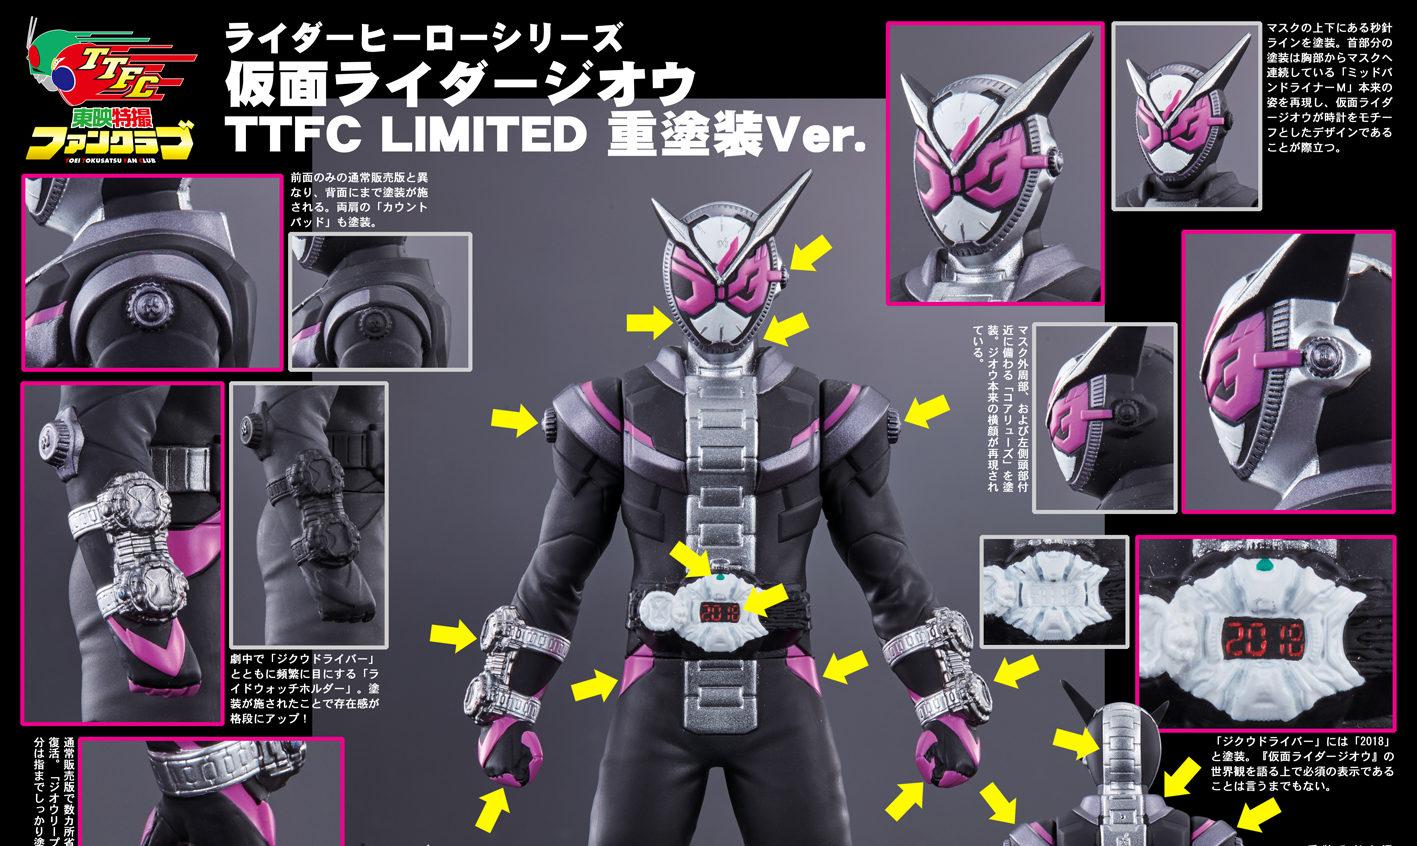 【仮面ライダージオウ】『Figure-rise Standard 仮面ライダージオウ』が2019年3月発売!ライダーの文字までパーツ分け!